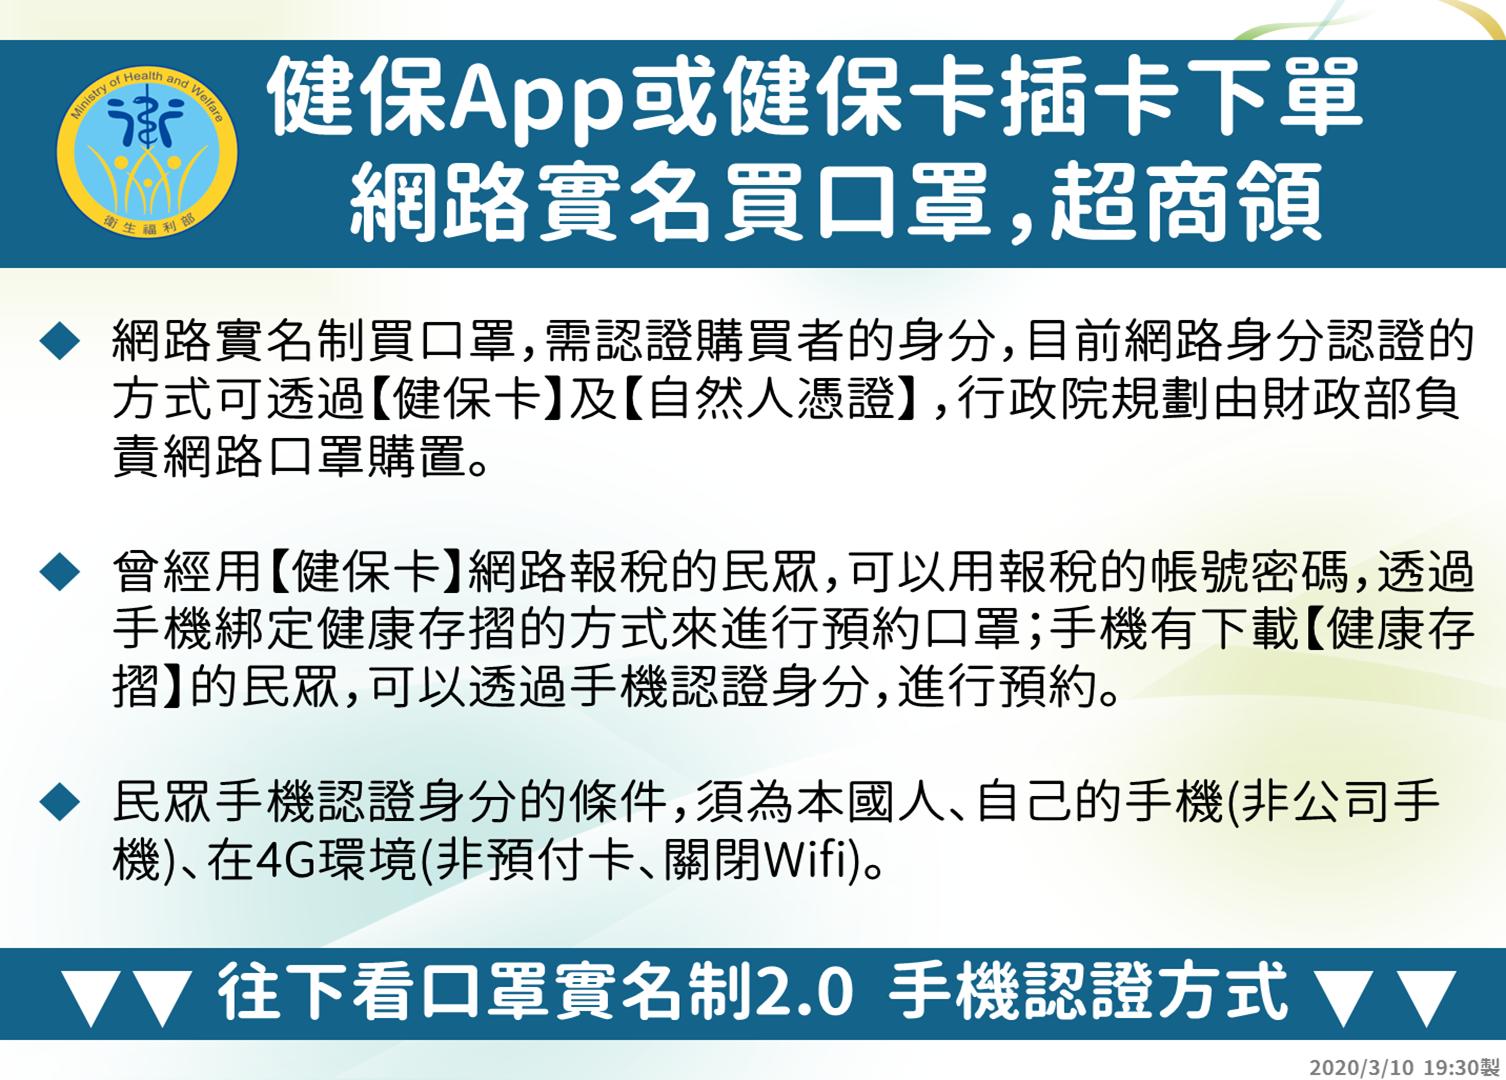 口罩實名制2.0∥ 預購口罩超商取貨之四大超商領口罩優惠活動_4月1日更新